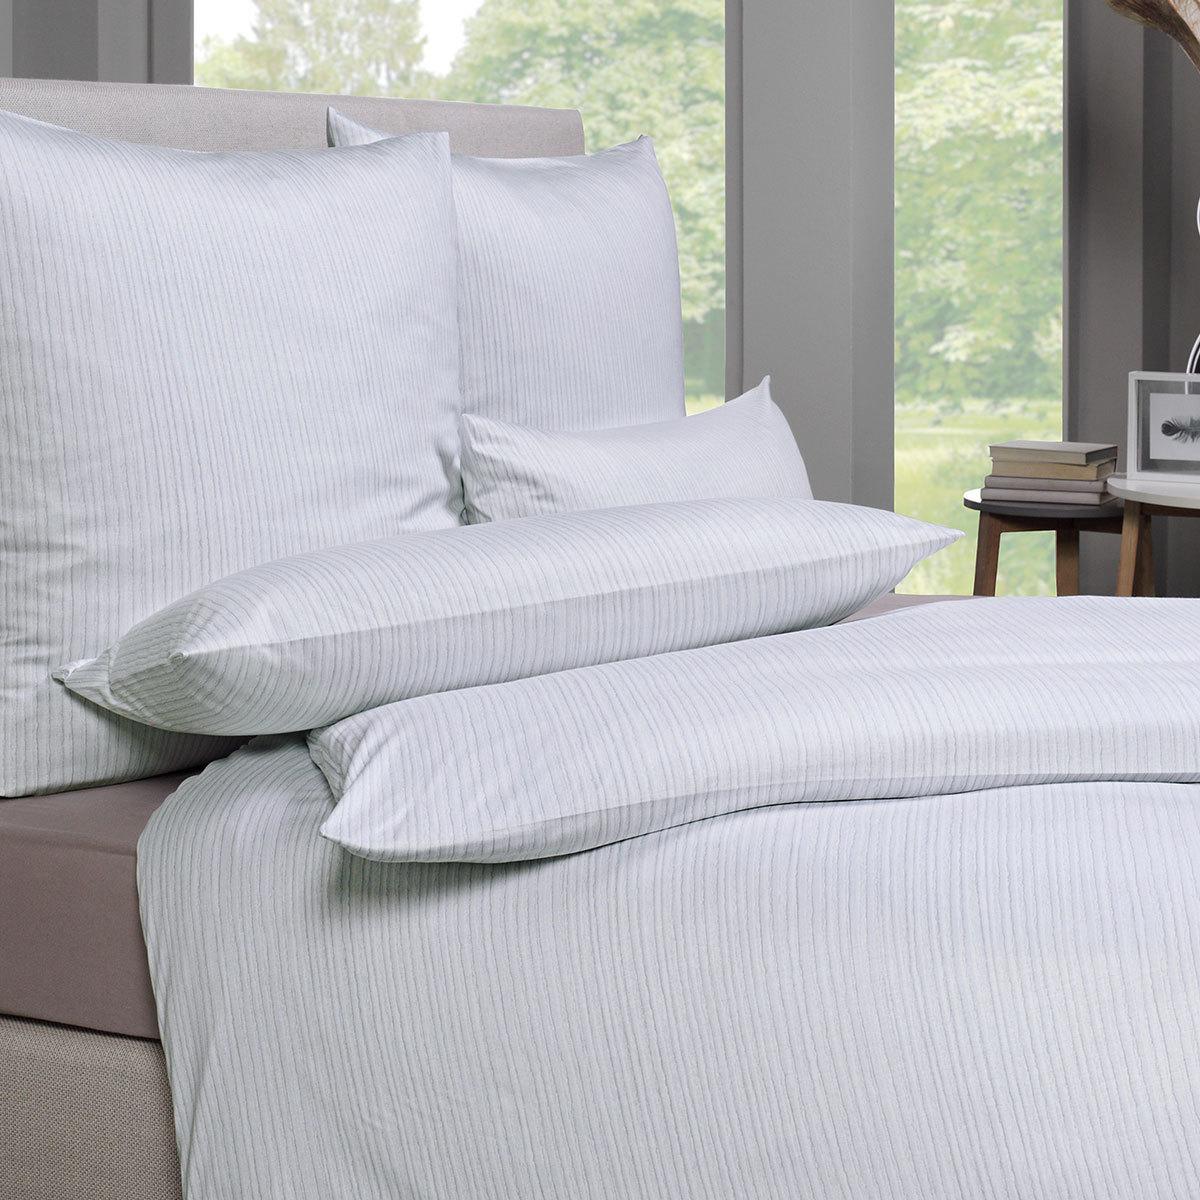 estella mako interlock jersey bettw sche ed silber g nstig online kaufen bei bettwaren shop. Black Bedroom Furniture Sets. Home Design Ideas